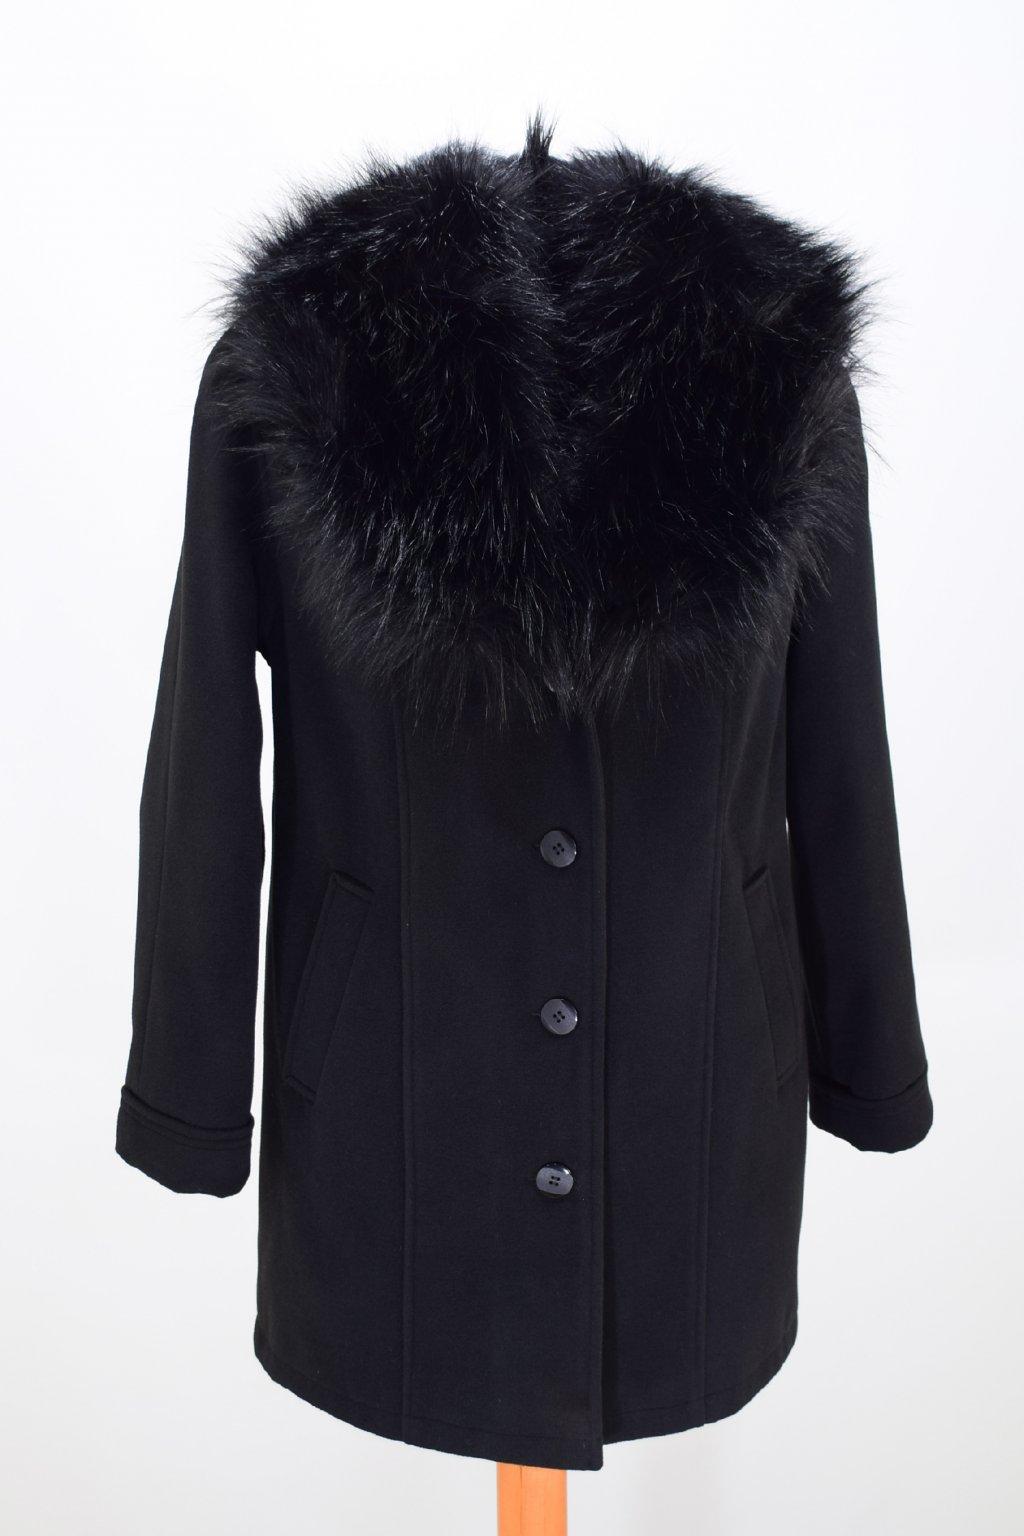 Dámský zimní černý kabát Táňa nadměrné velikosti.